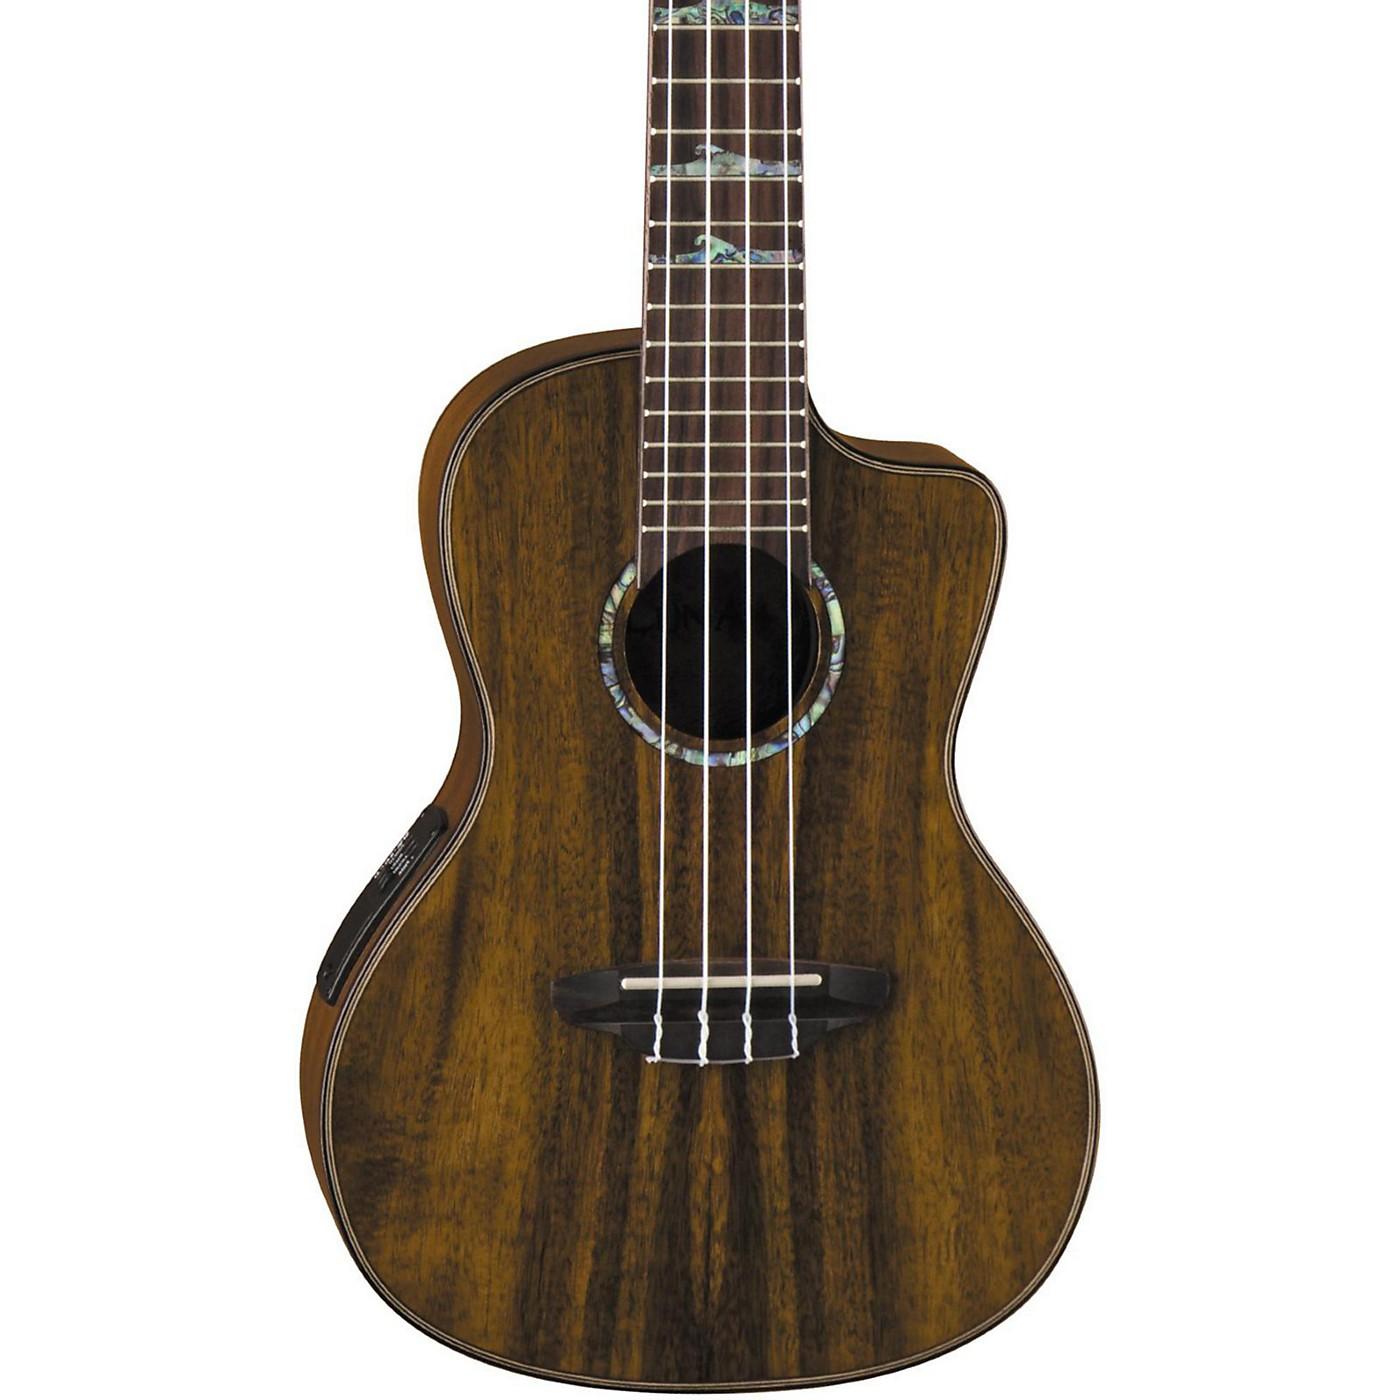 Luna Guitars High Tide Koa Concert Acoustic-Electric Ukulele thumbnail